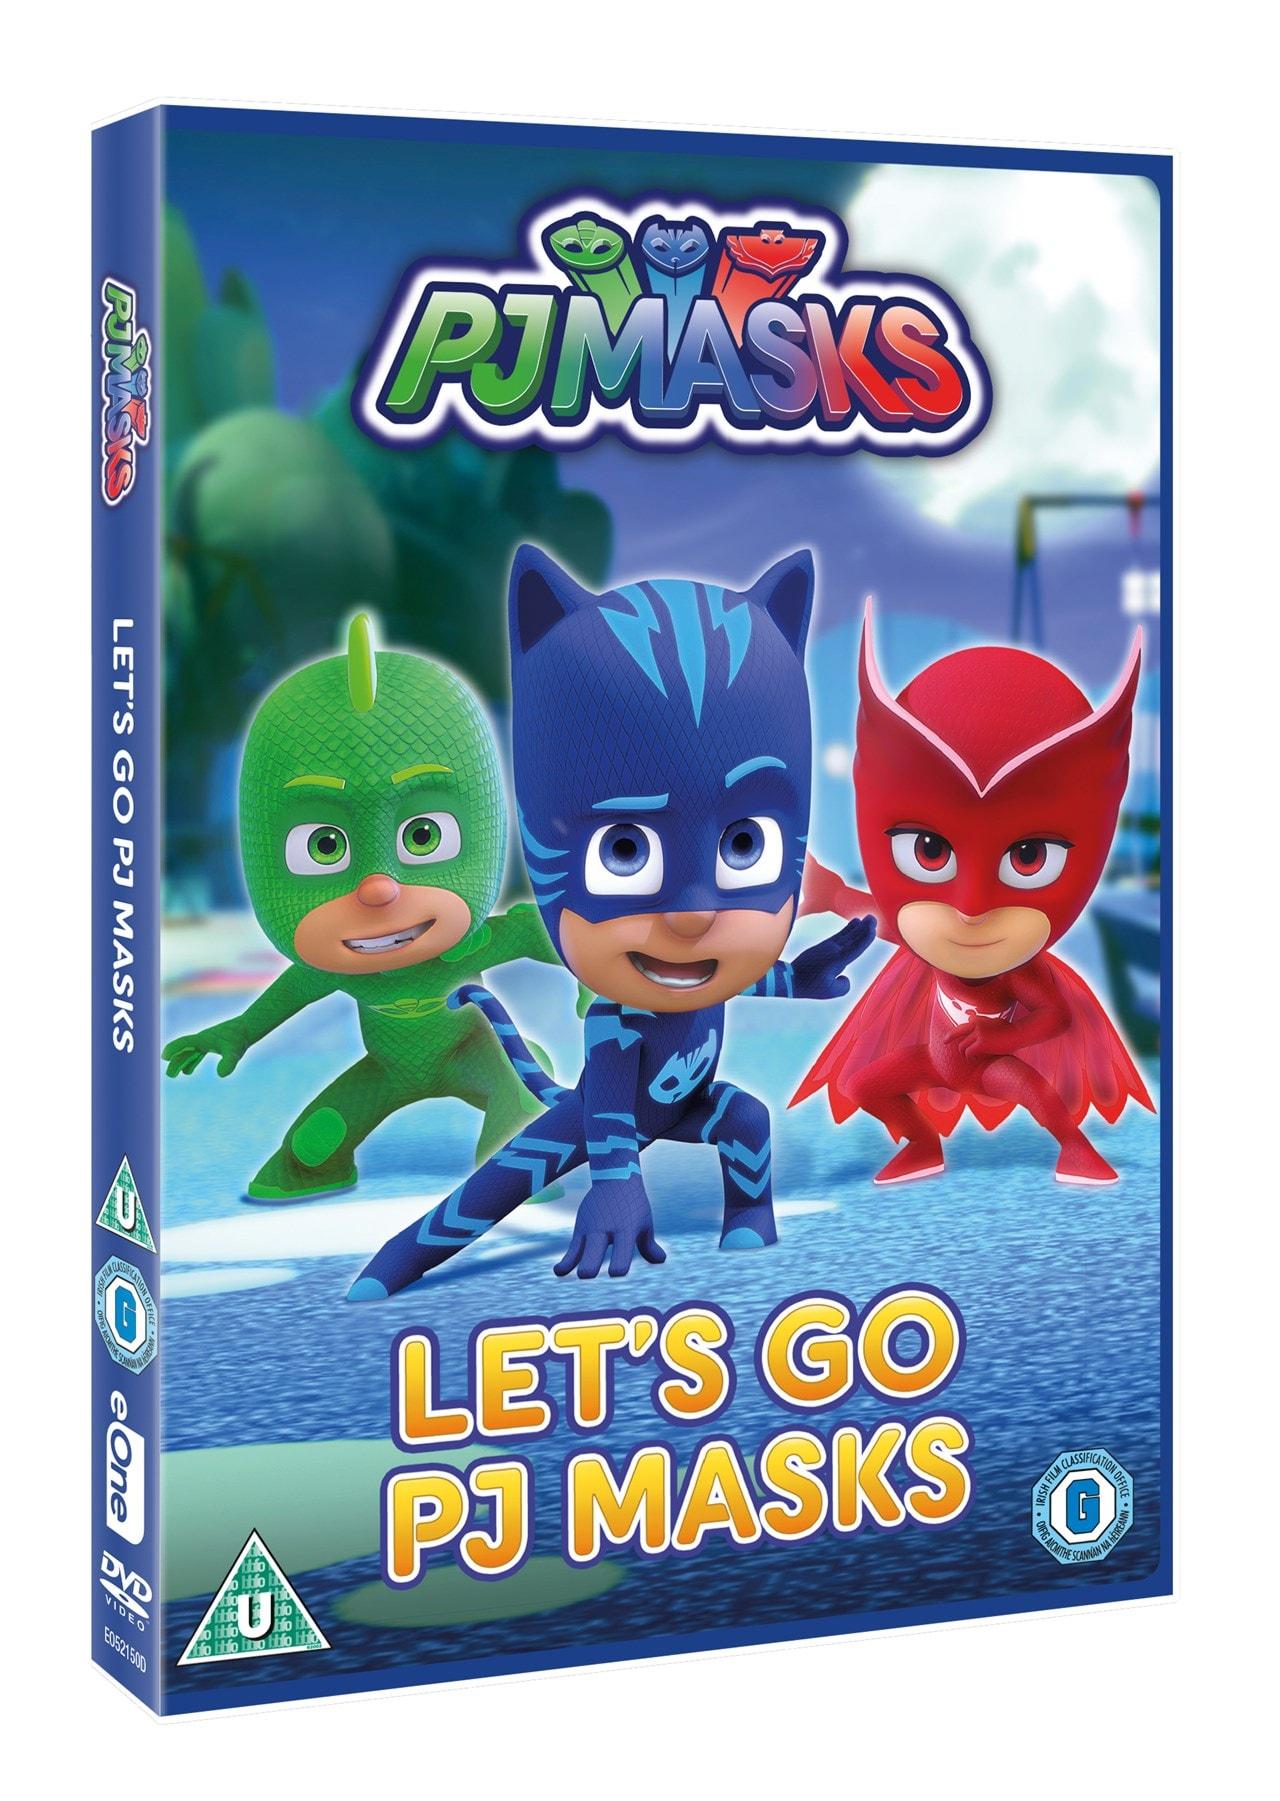 PJ Masks - Let's Go PJ Masks - 2